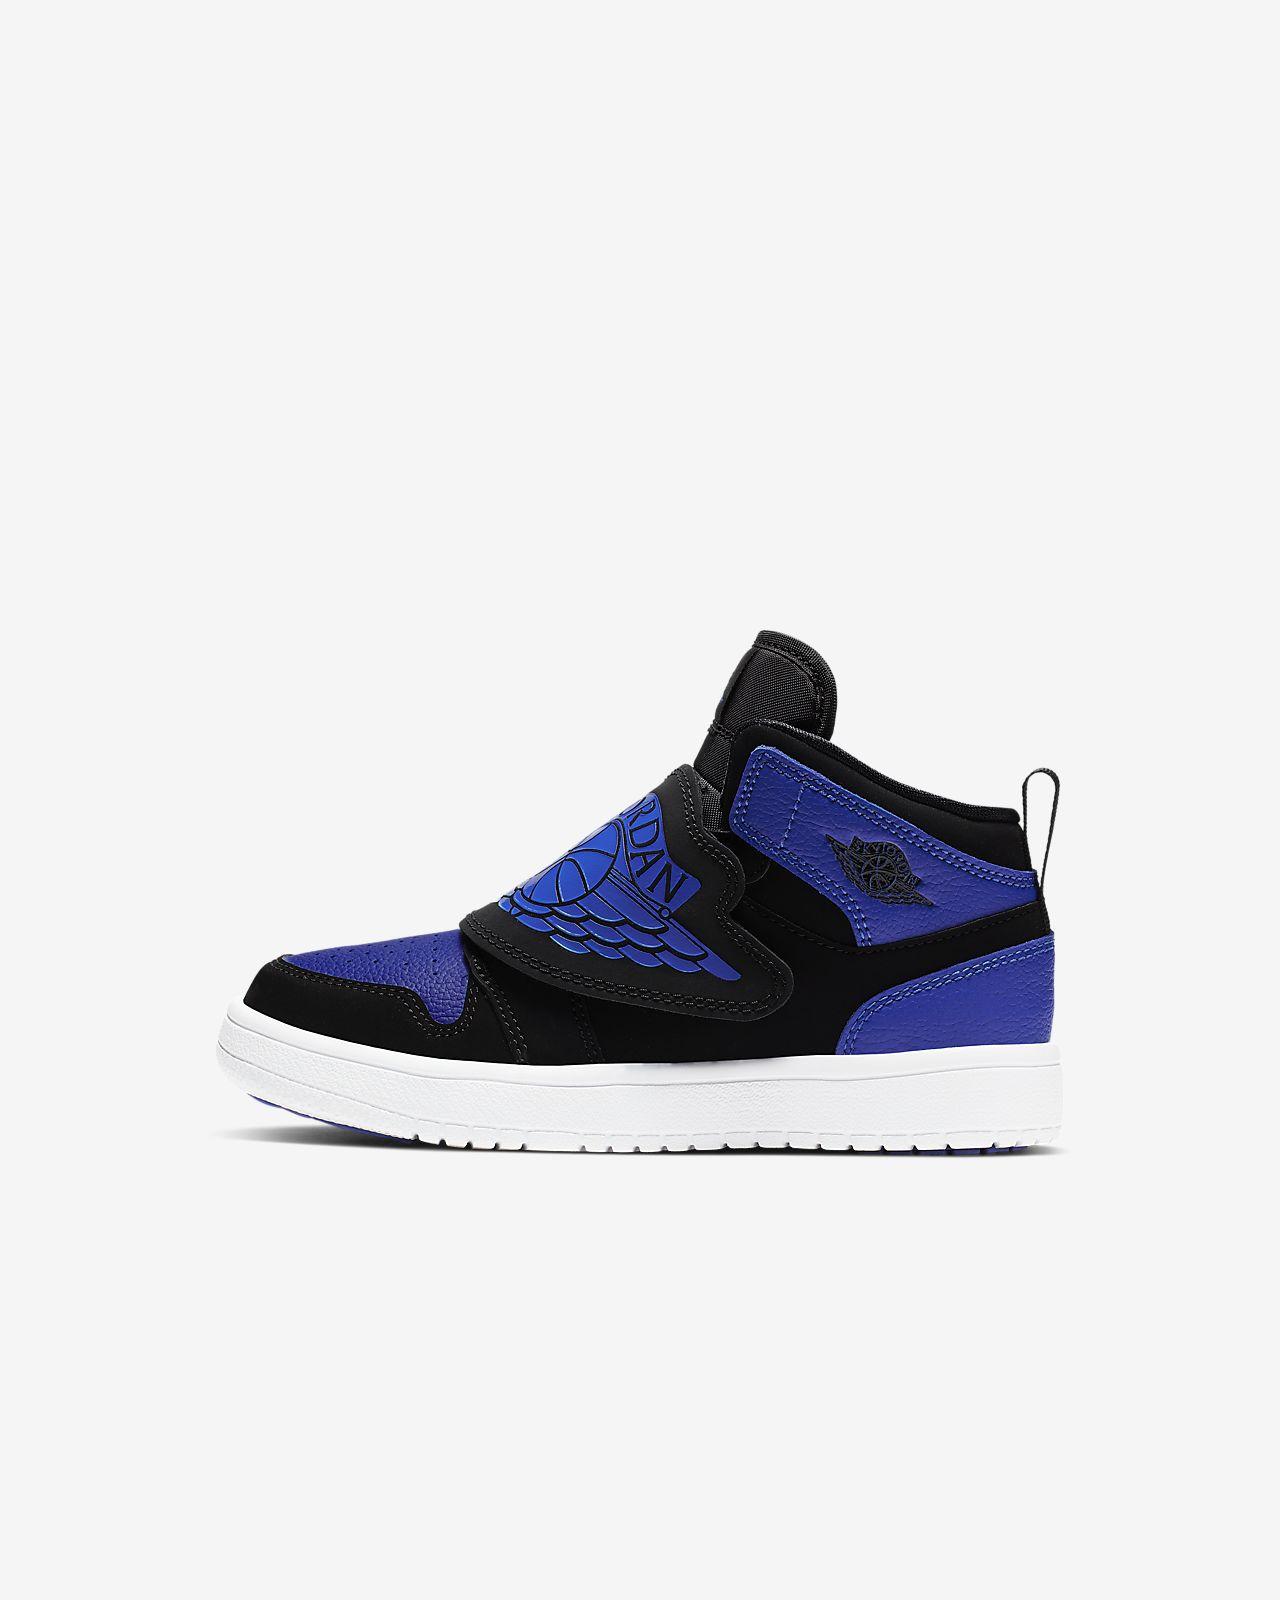 Sko Sky Jordan 1 för barn